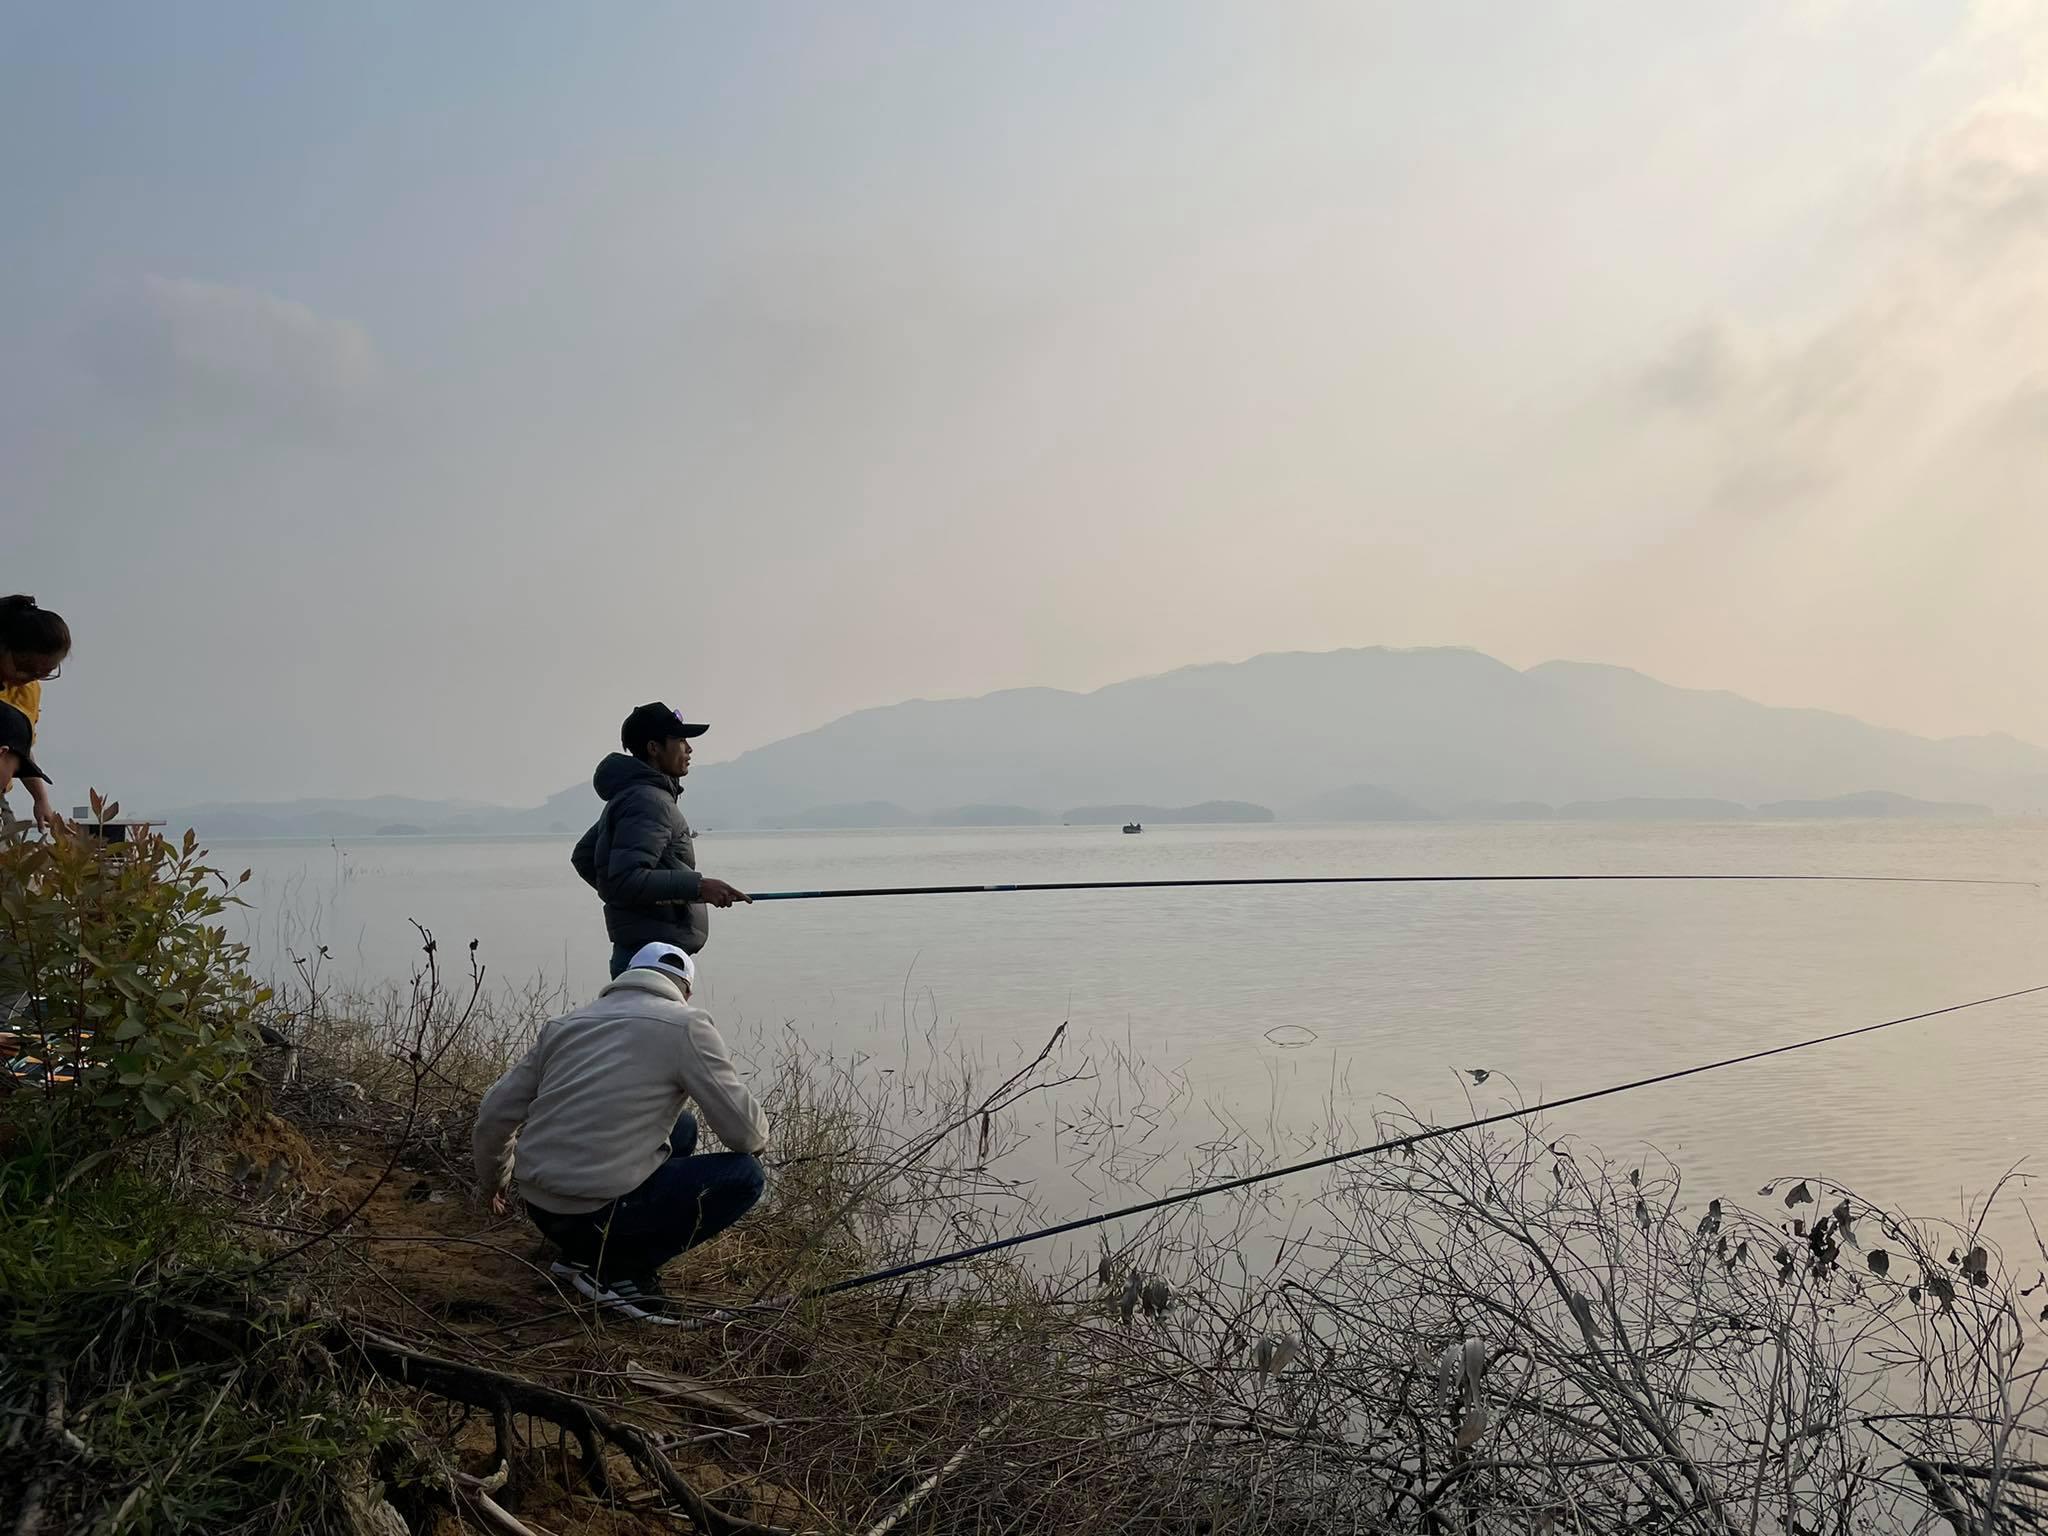 Mồi câu cá lớn tự nhiên